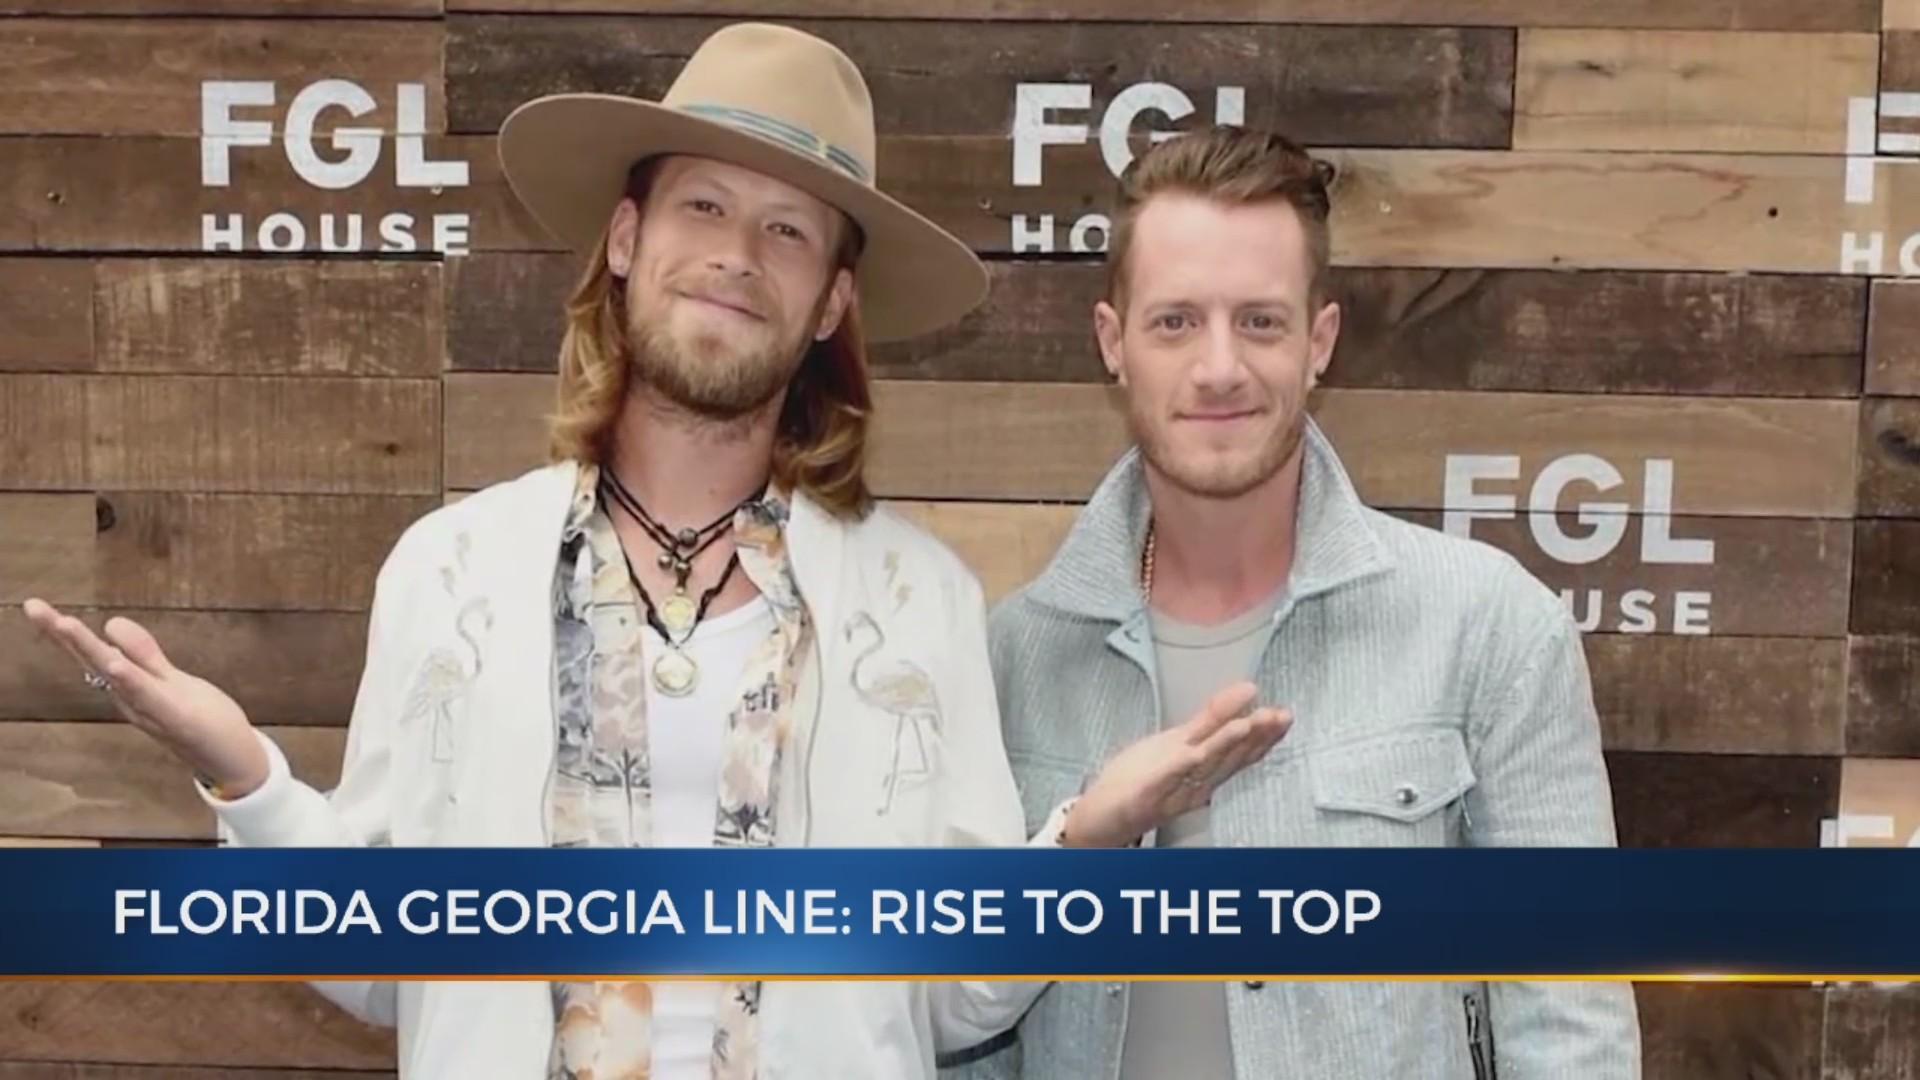 Florida_Georgia_Line__Rise_to_the_Top_9_20181112234224-873703986